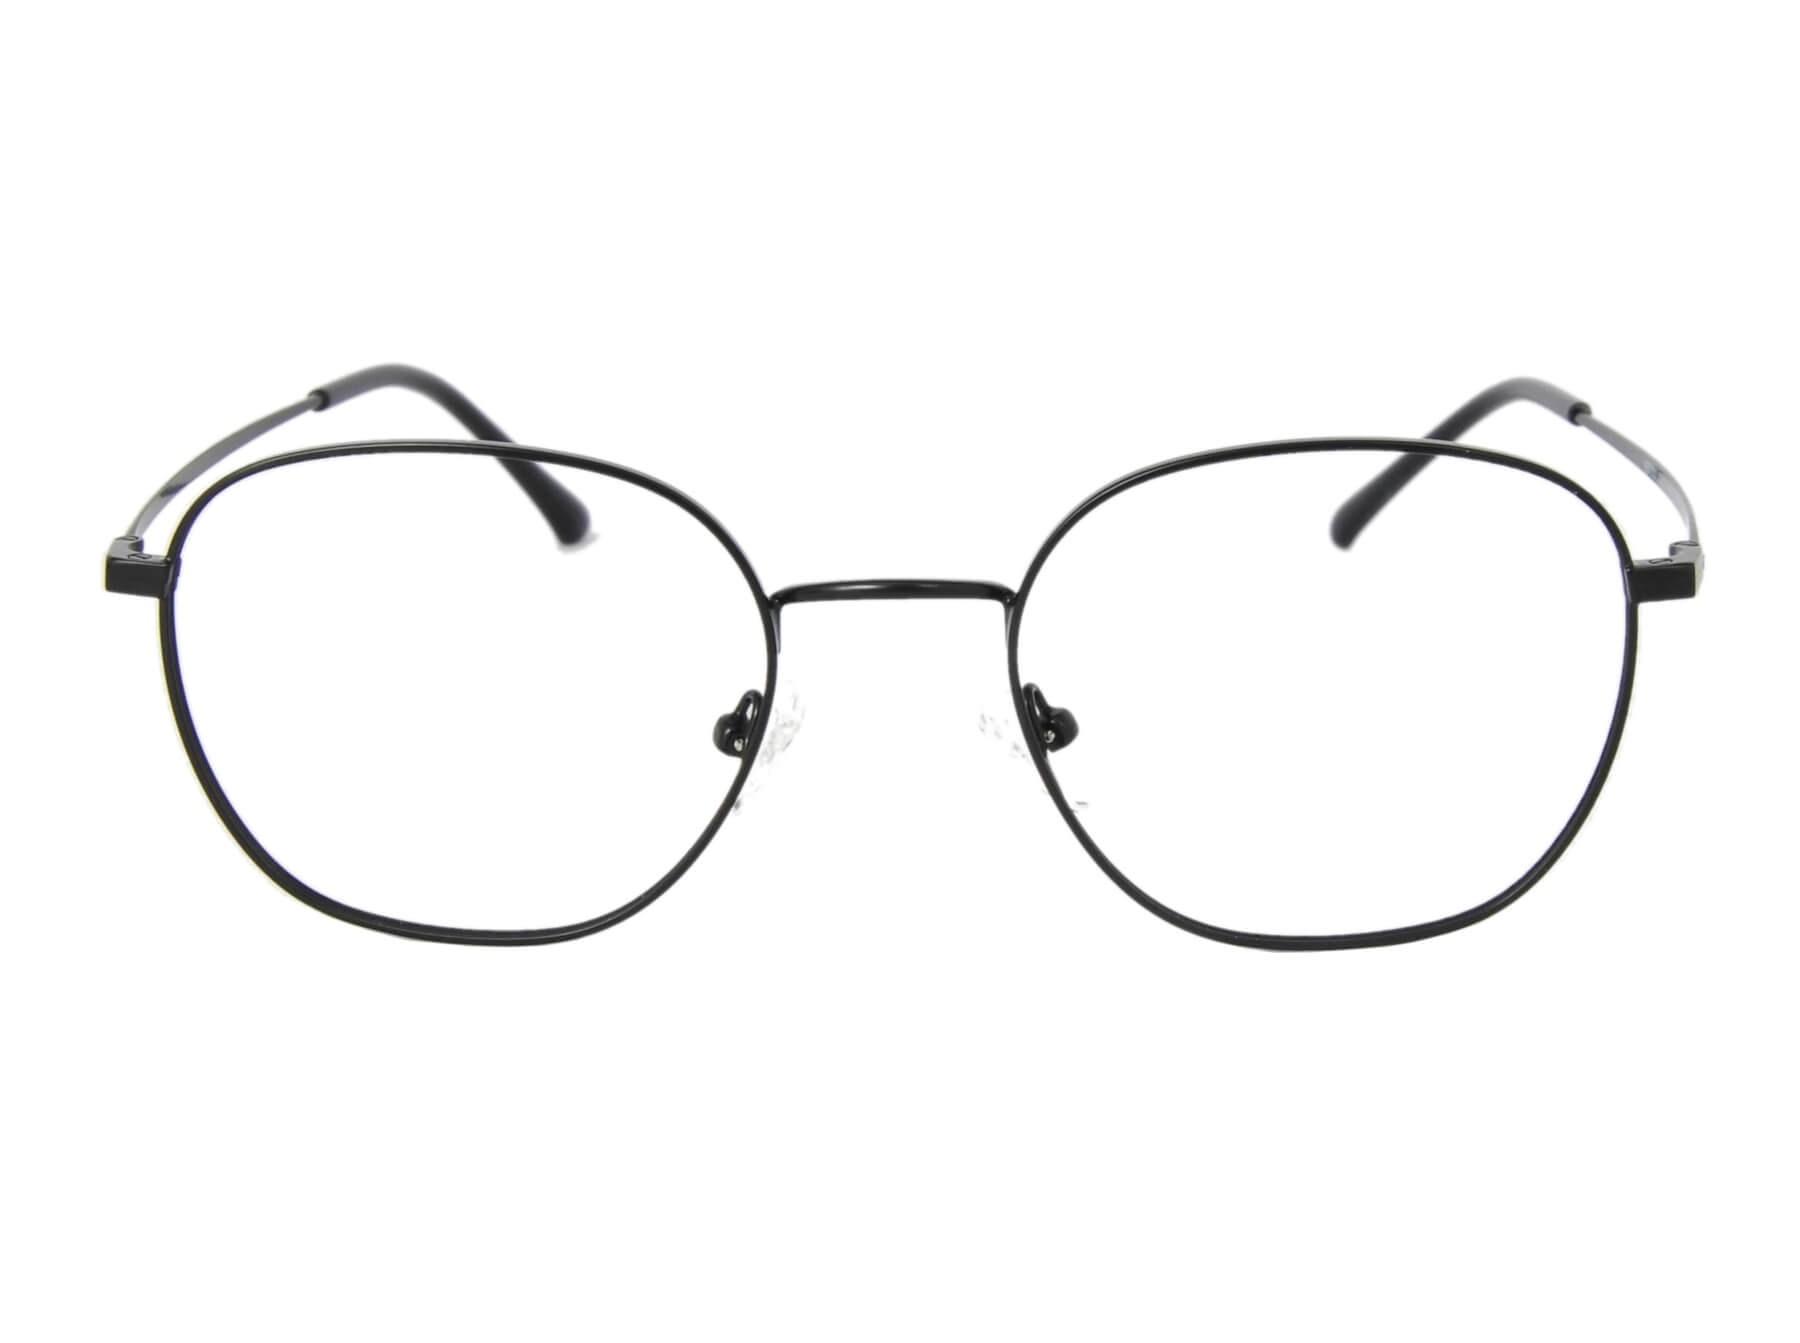 Óculos de grau metal fininho